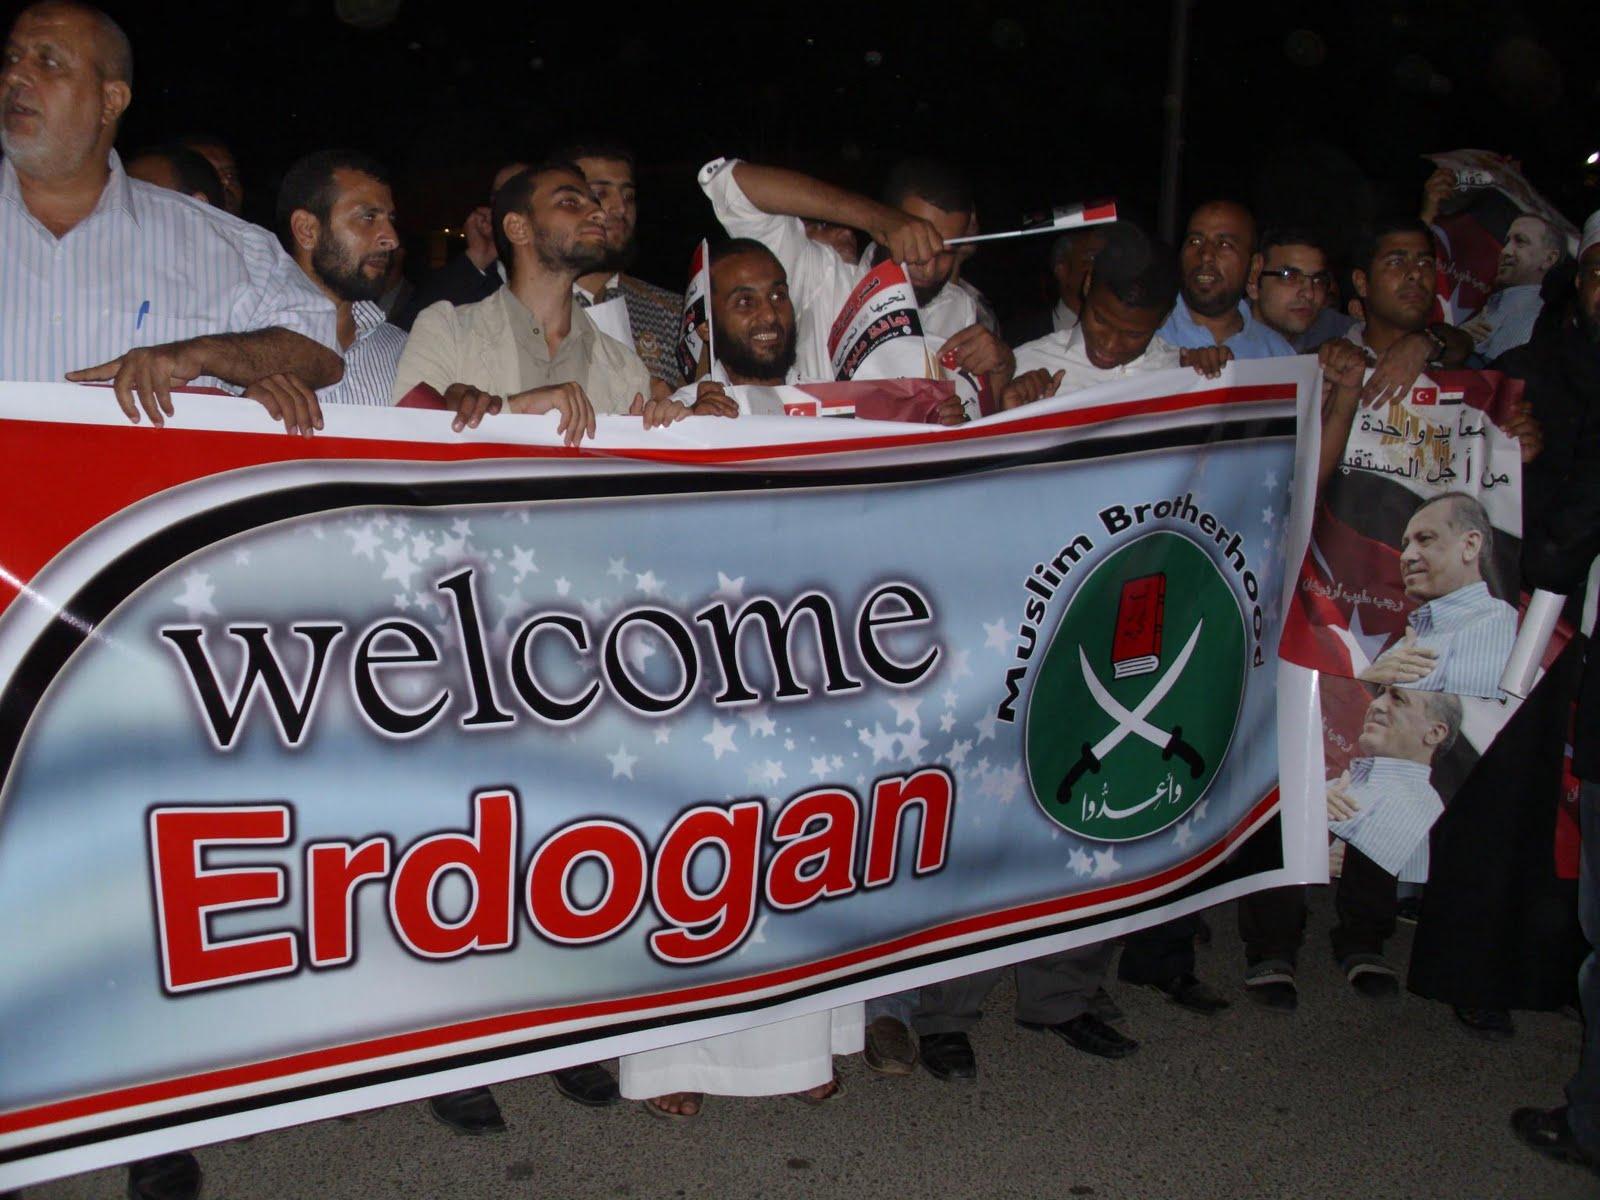 أسباب دعم الإخوان إنحرافات الرئيس التركي أردوغان